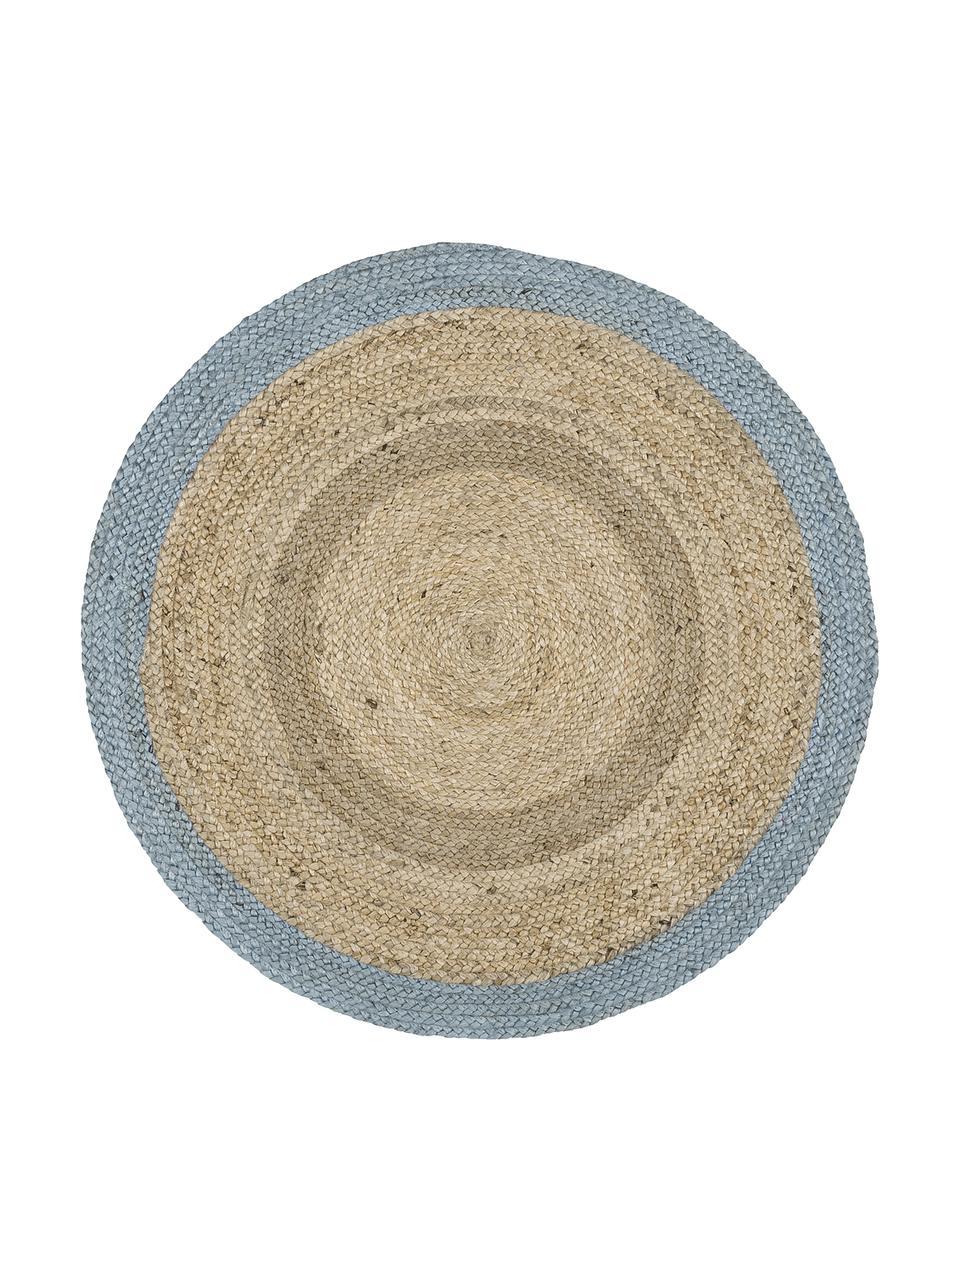 Tappeto rotondo in juta fatto a mano Shanta, 100% juta, Juta, blu tortora, Ø 100 cm (taglia XS)